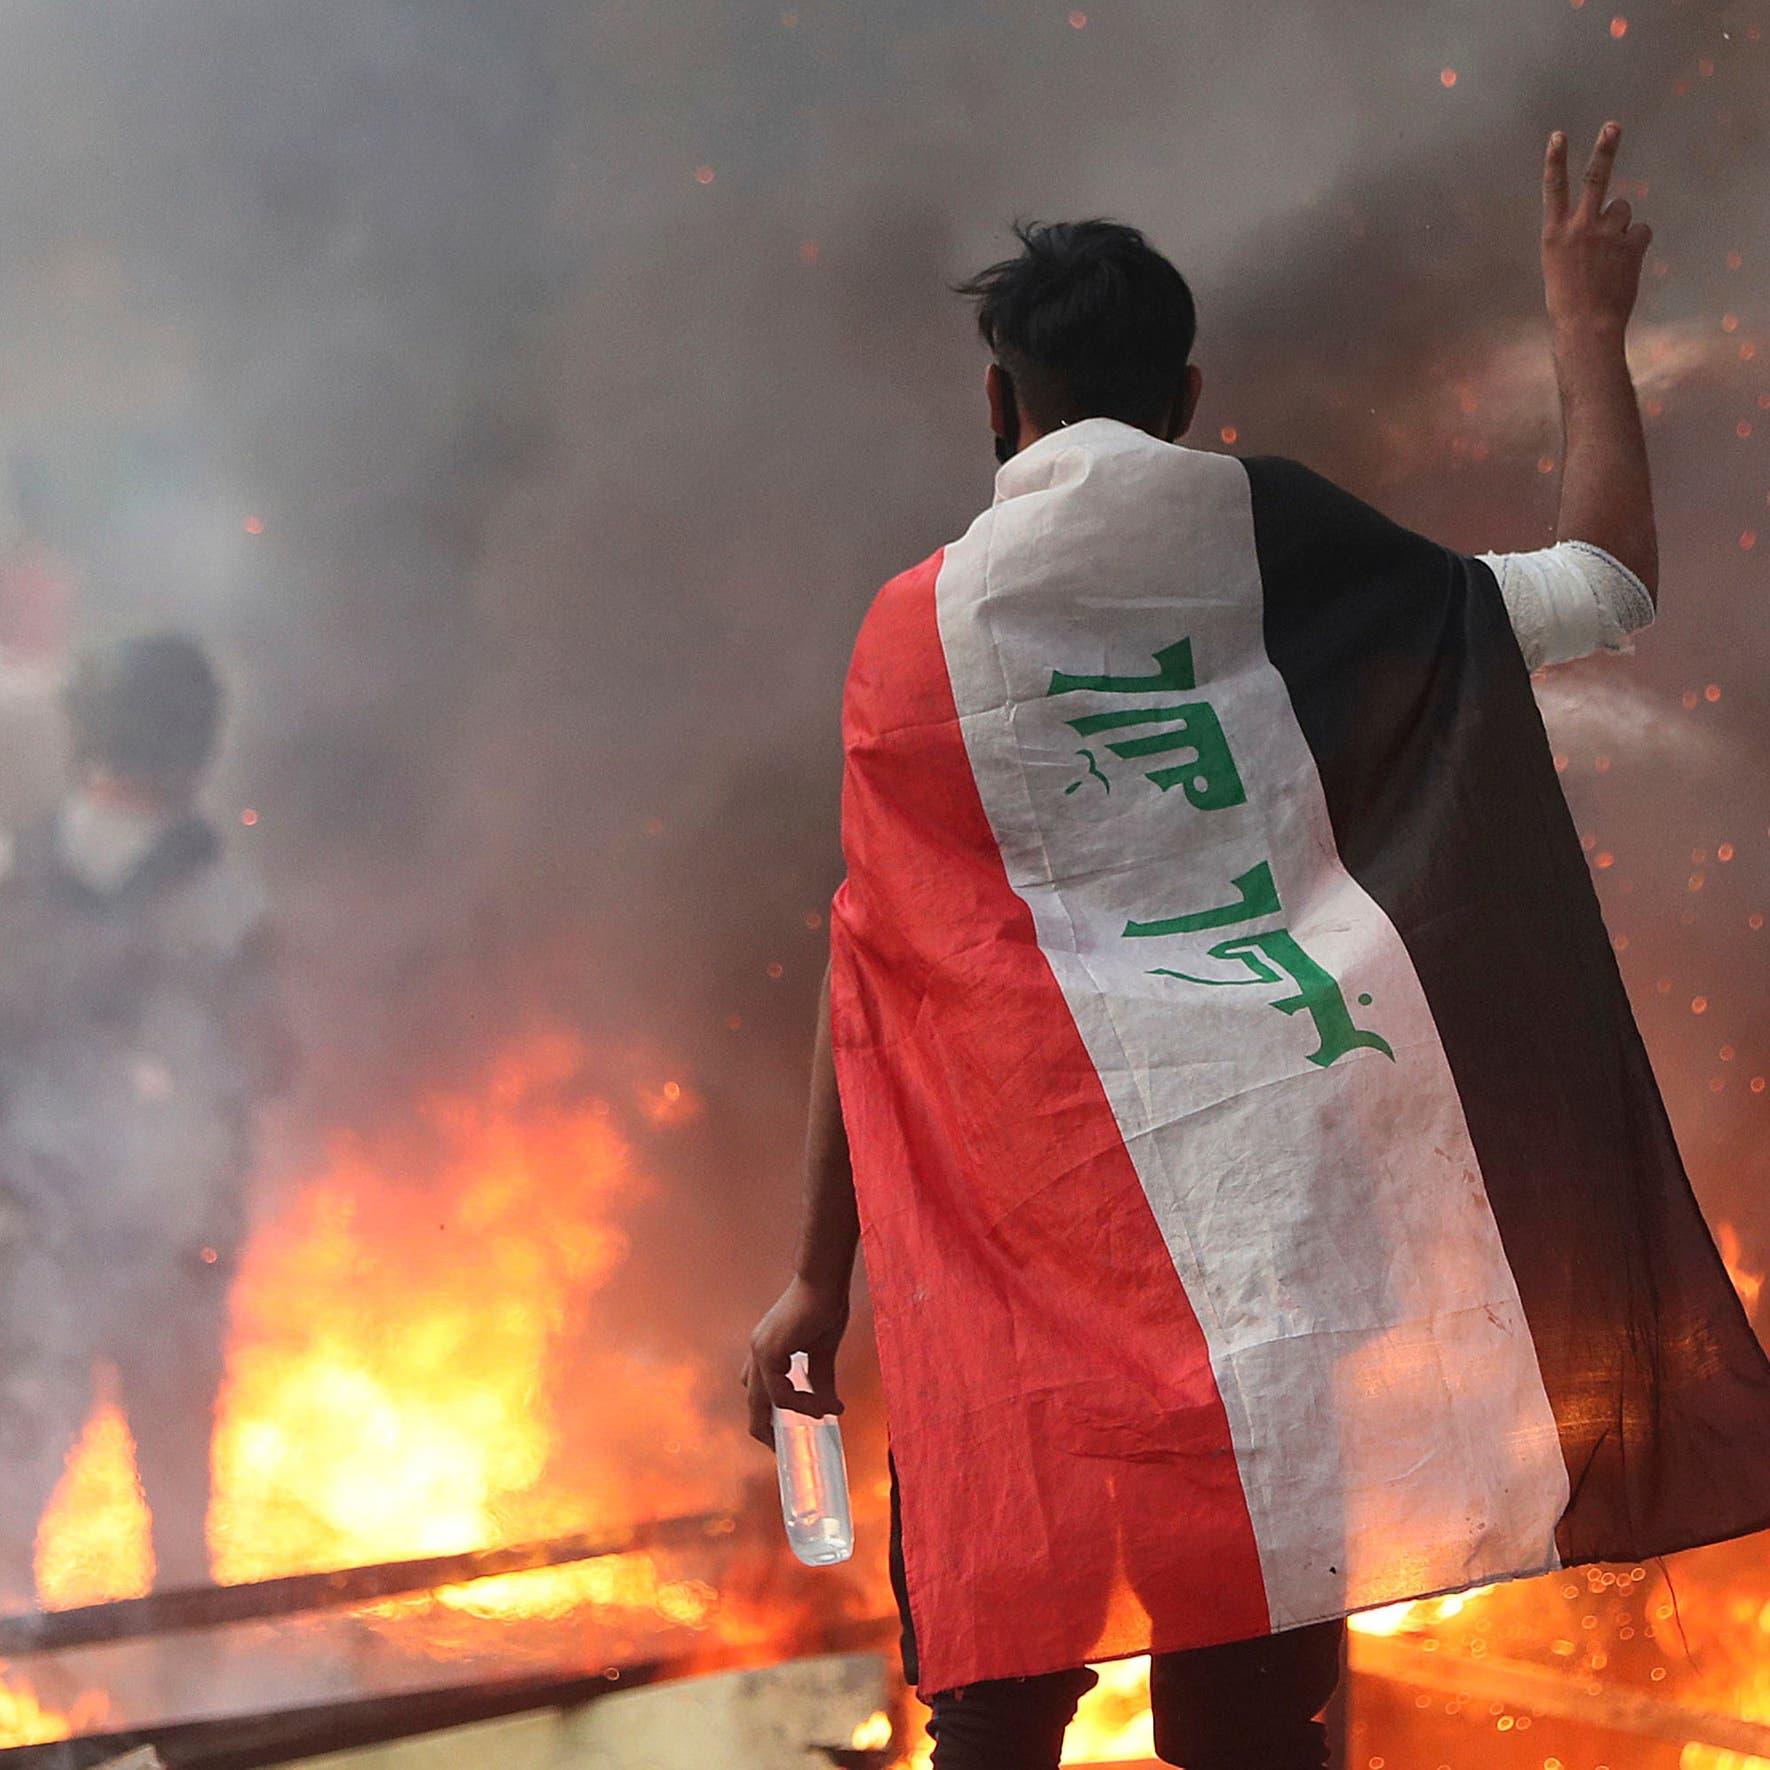 ناشطو العراق بمرمى النيران.. اعتقالات وتهديدات بالتصفية